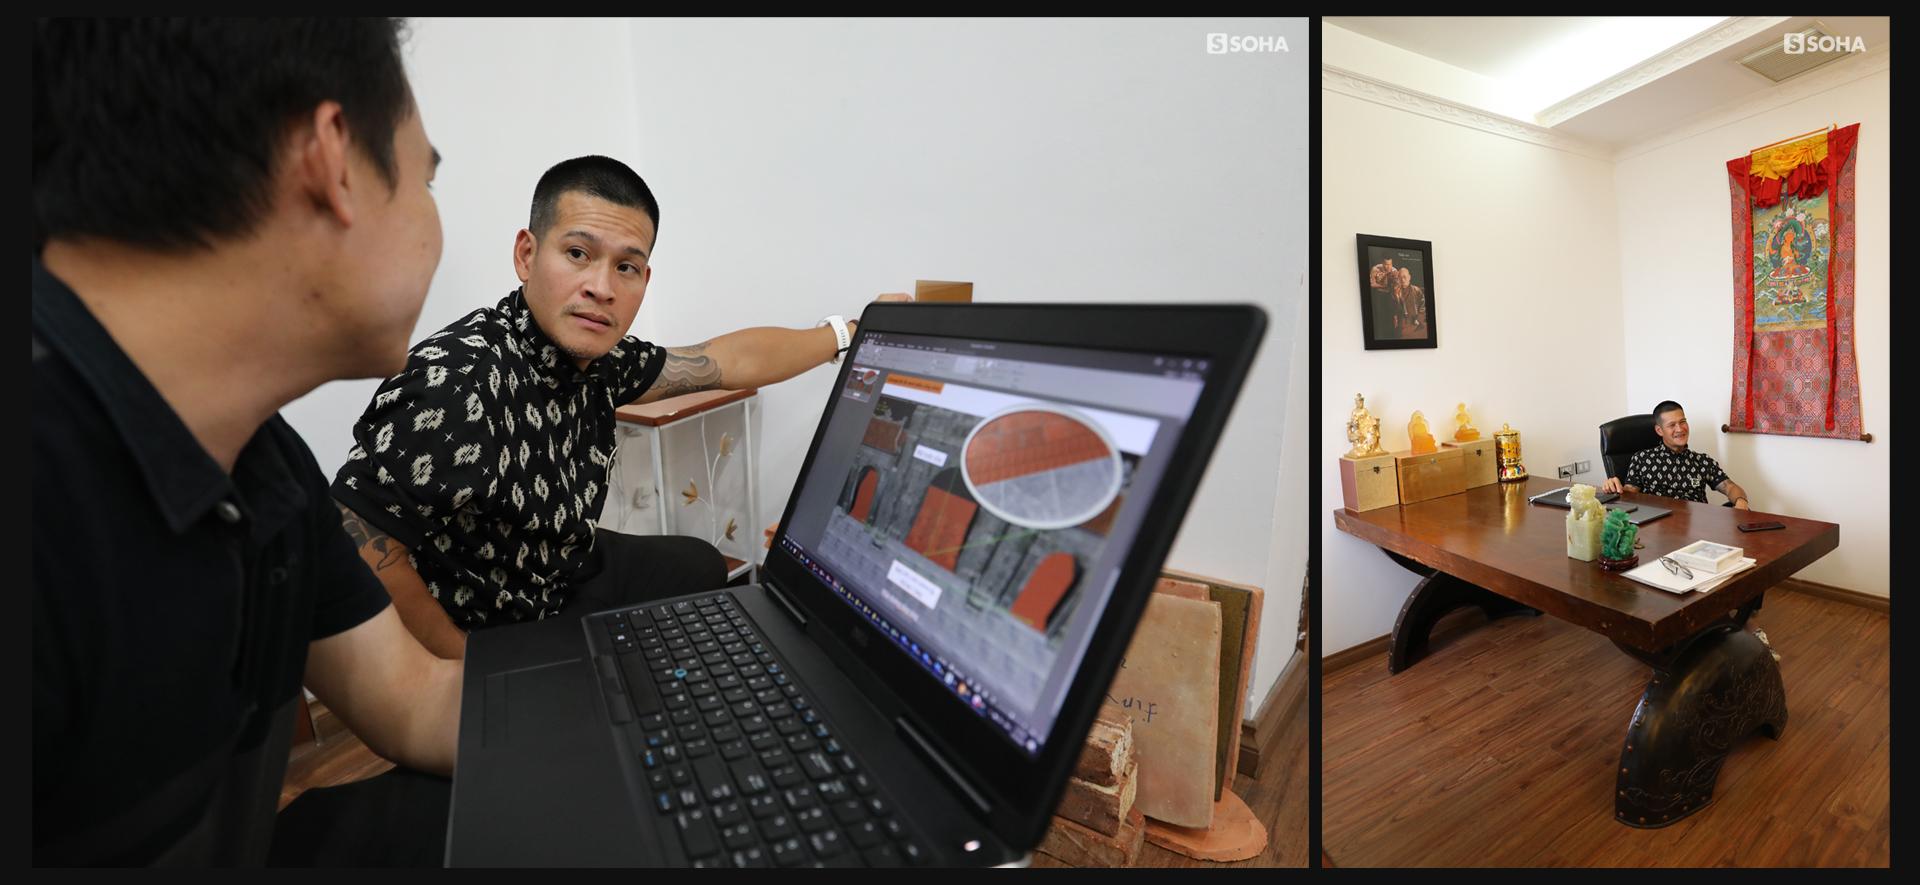 [Bí mật phòng sếp] Những trận xa luân chiến 15 phút trong căn phòng của đạo diễn nổi tiếng nhất Việt Nam - Ảnh 3.